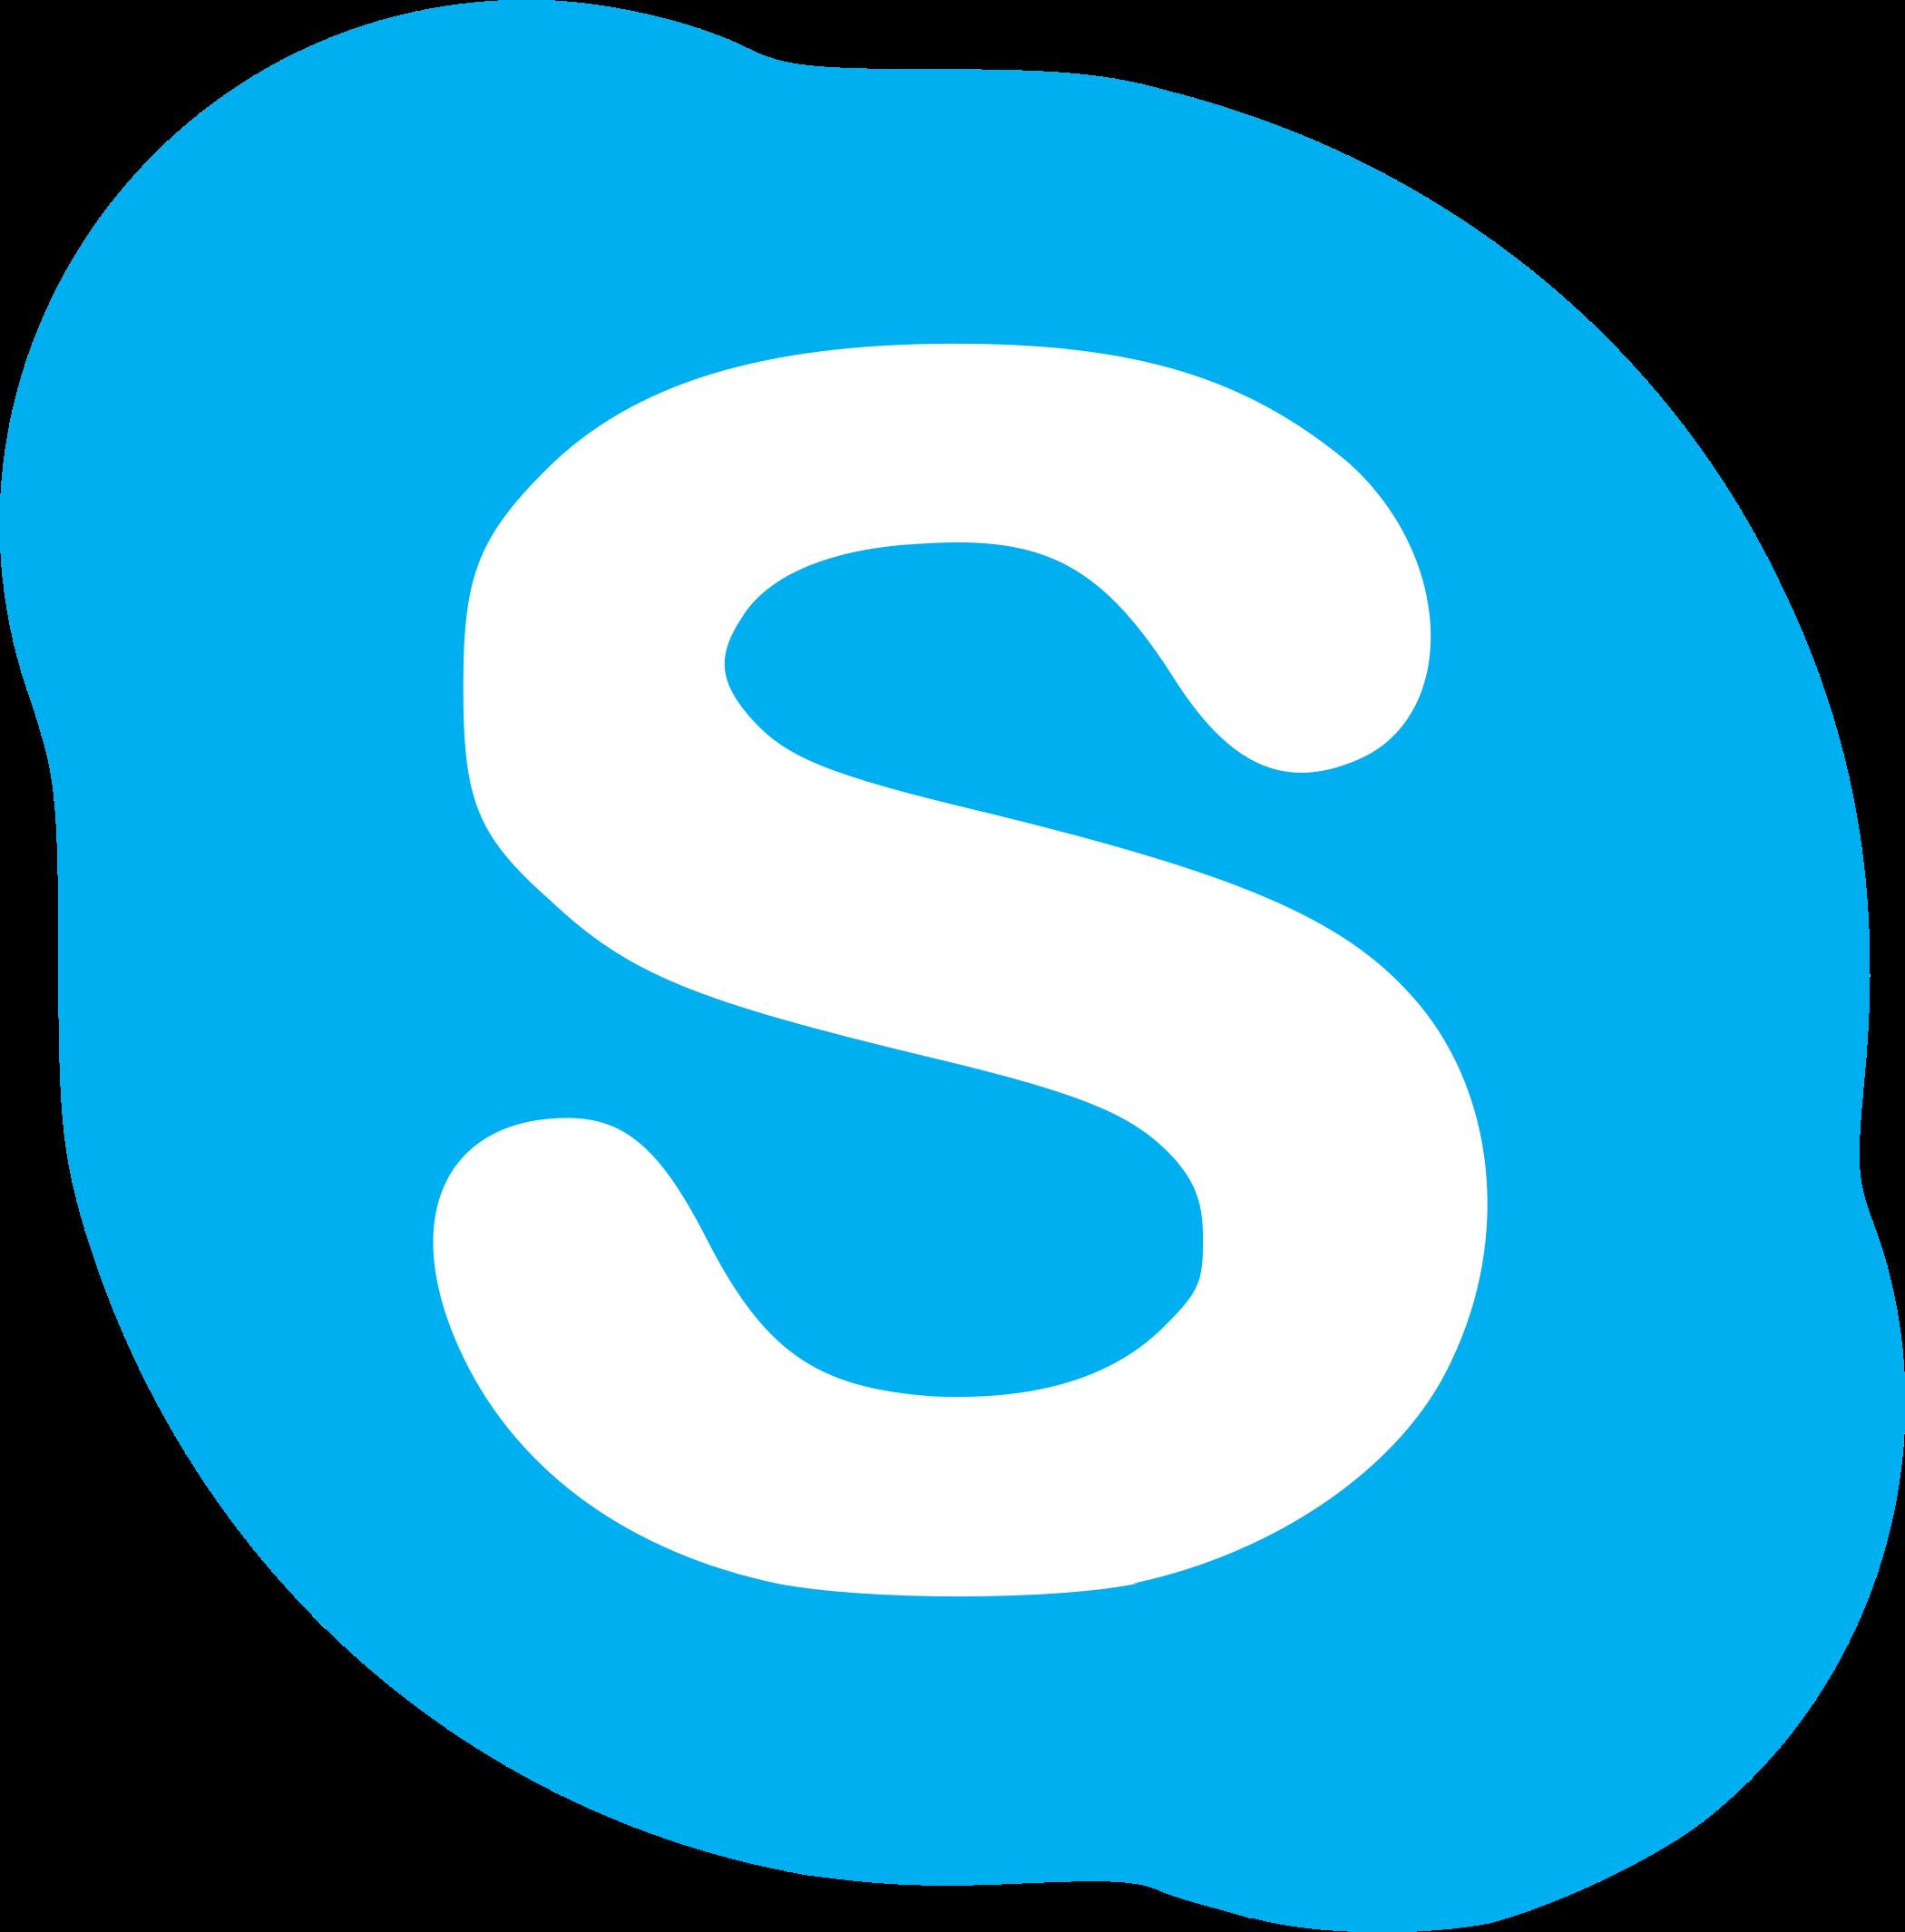 skype logo 3 - Skype Logo